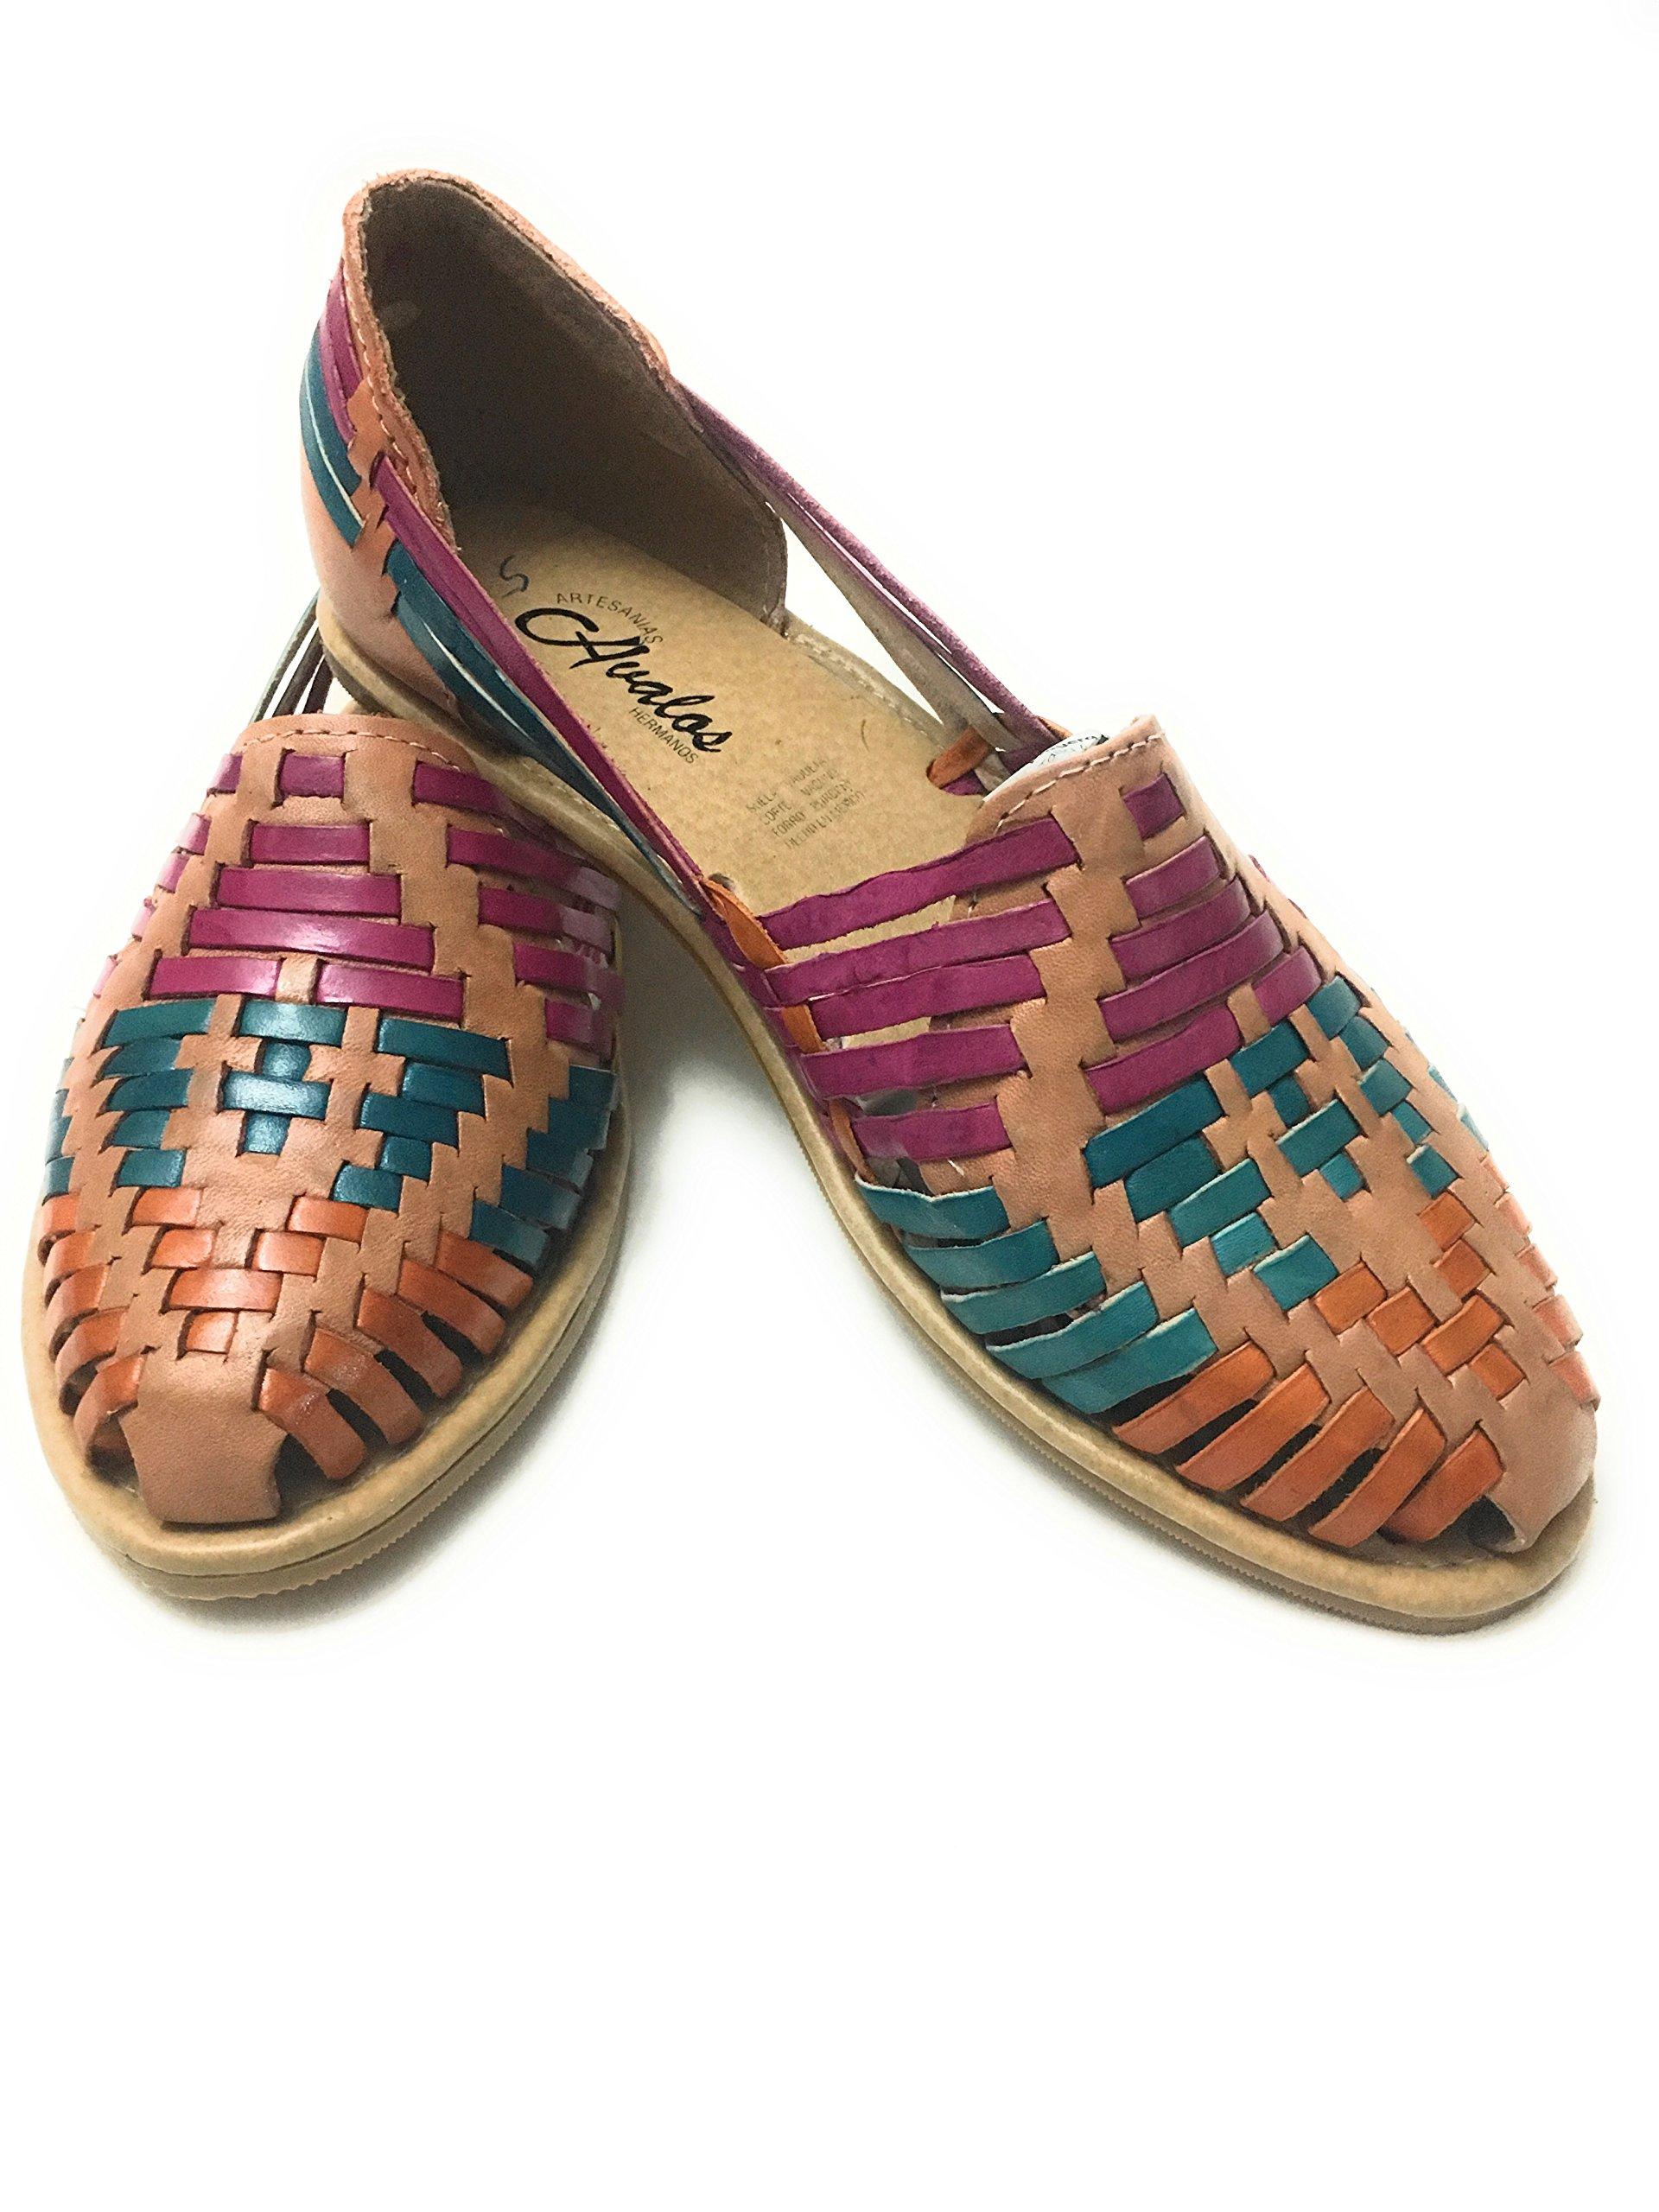 6a7d7ce8d830d6 WOMENS LEATHER SANDALS. HUARACHE SANDALS. MEXICAN SANDALS